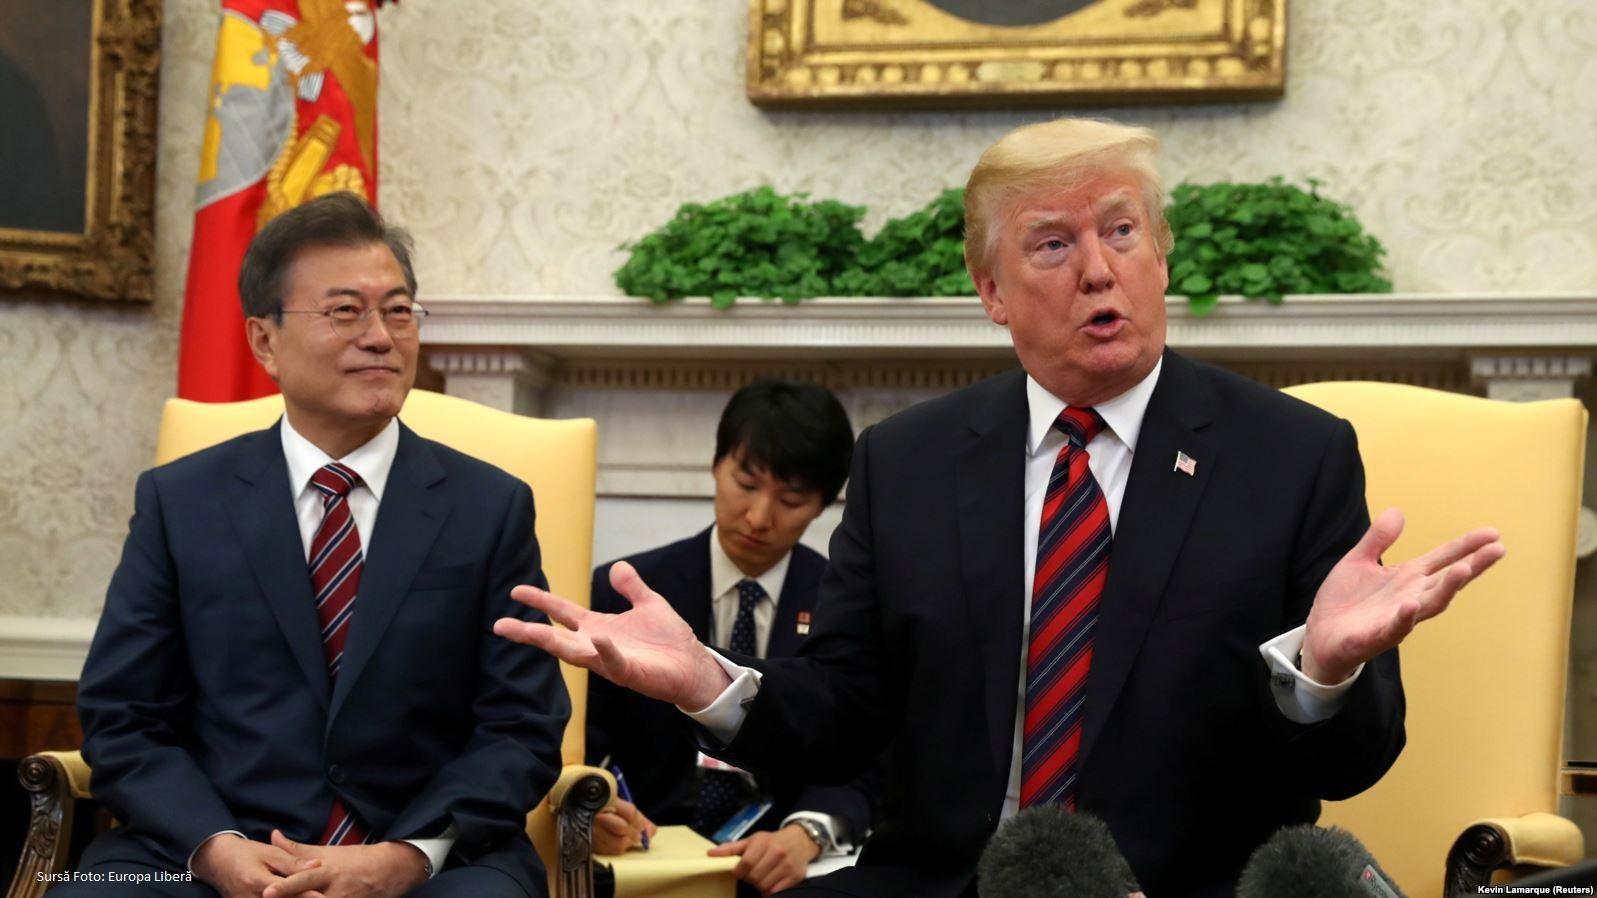 Coreea de Sud prognozează un lung proces de diplomație americano-nord-coreană